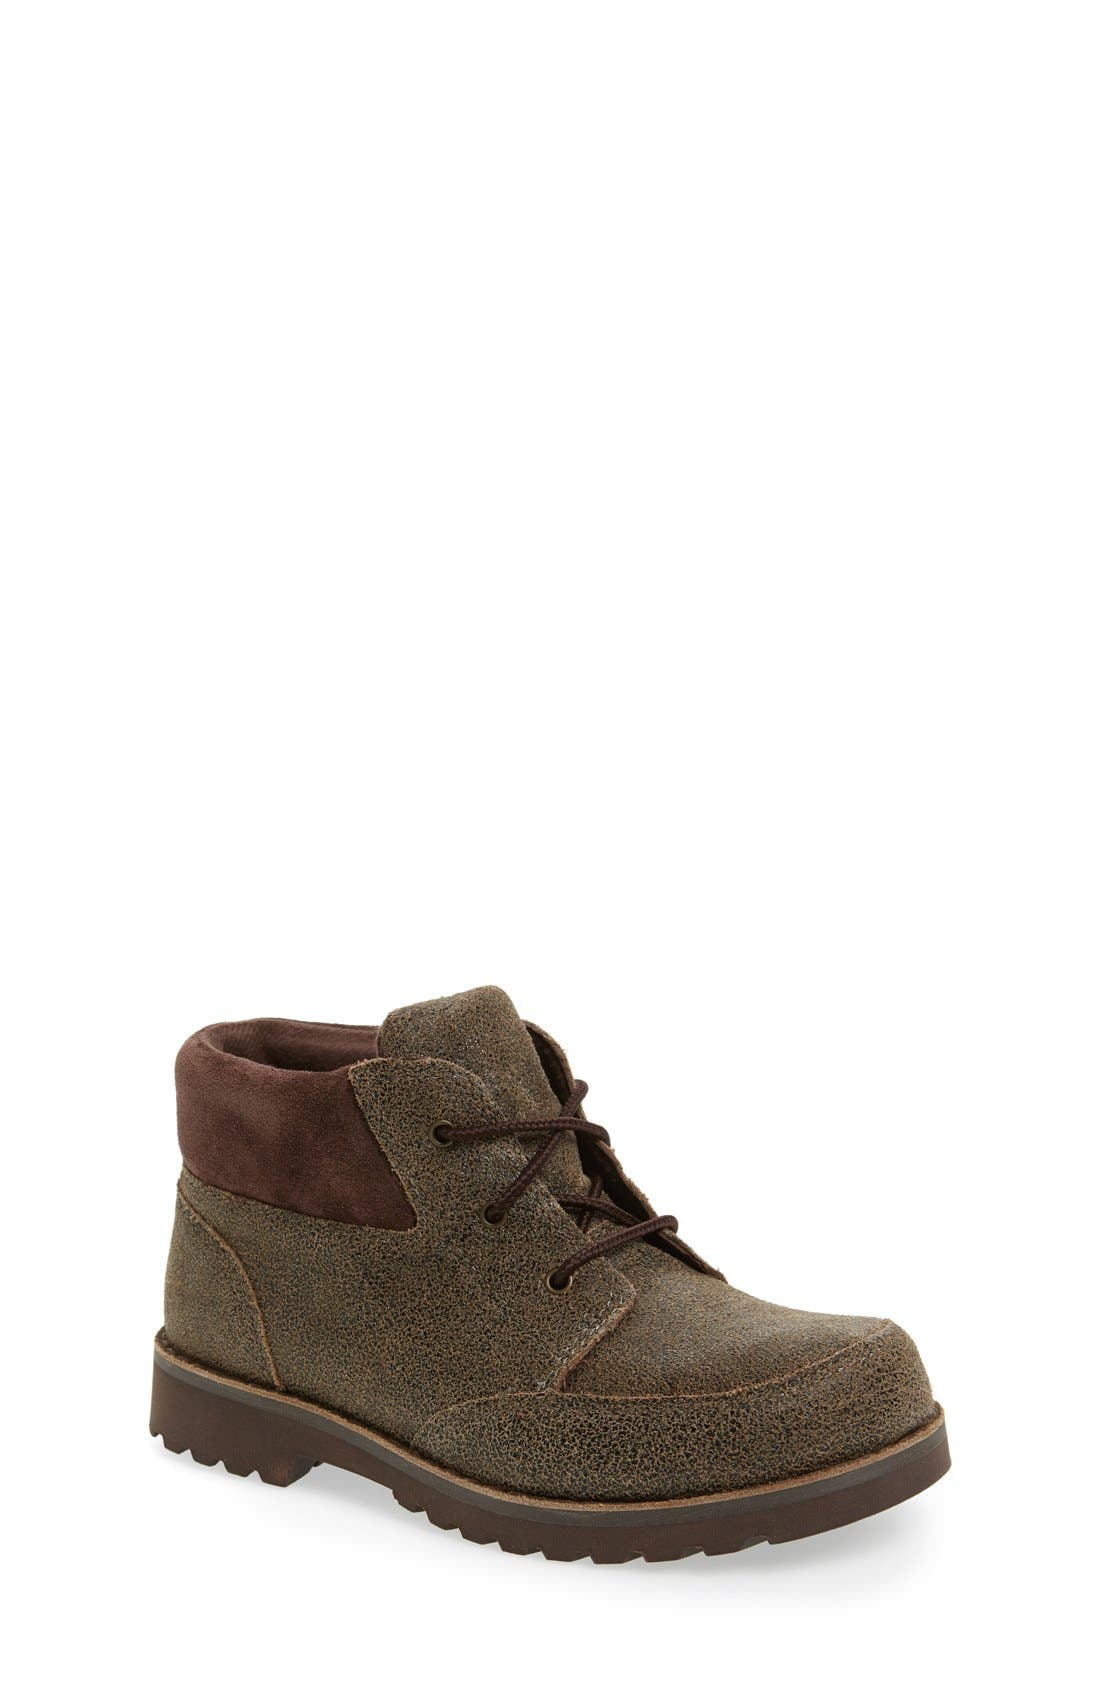 Alternate Image 1 Selected - UGG® Orin Boots (Walker, Toddler, Little Kid & Big Kid)